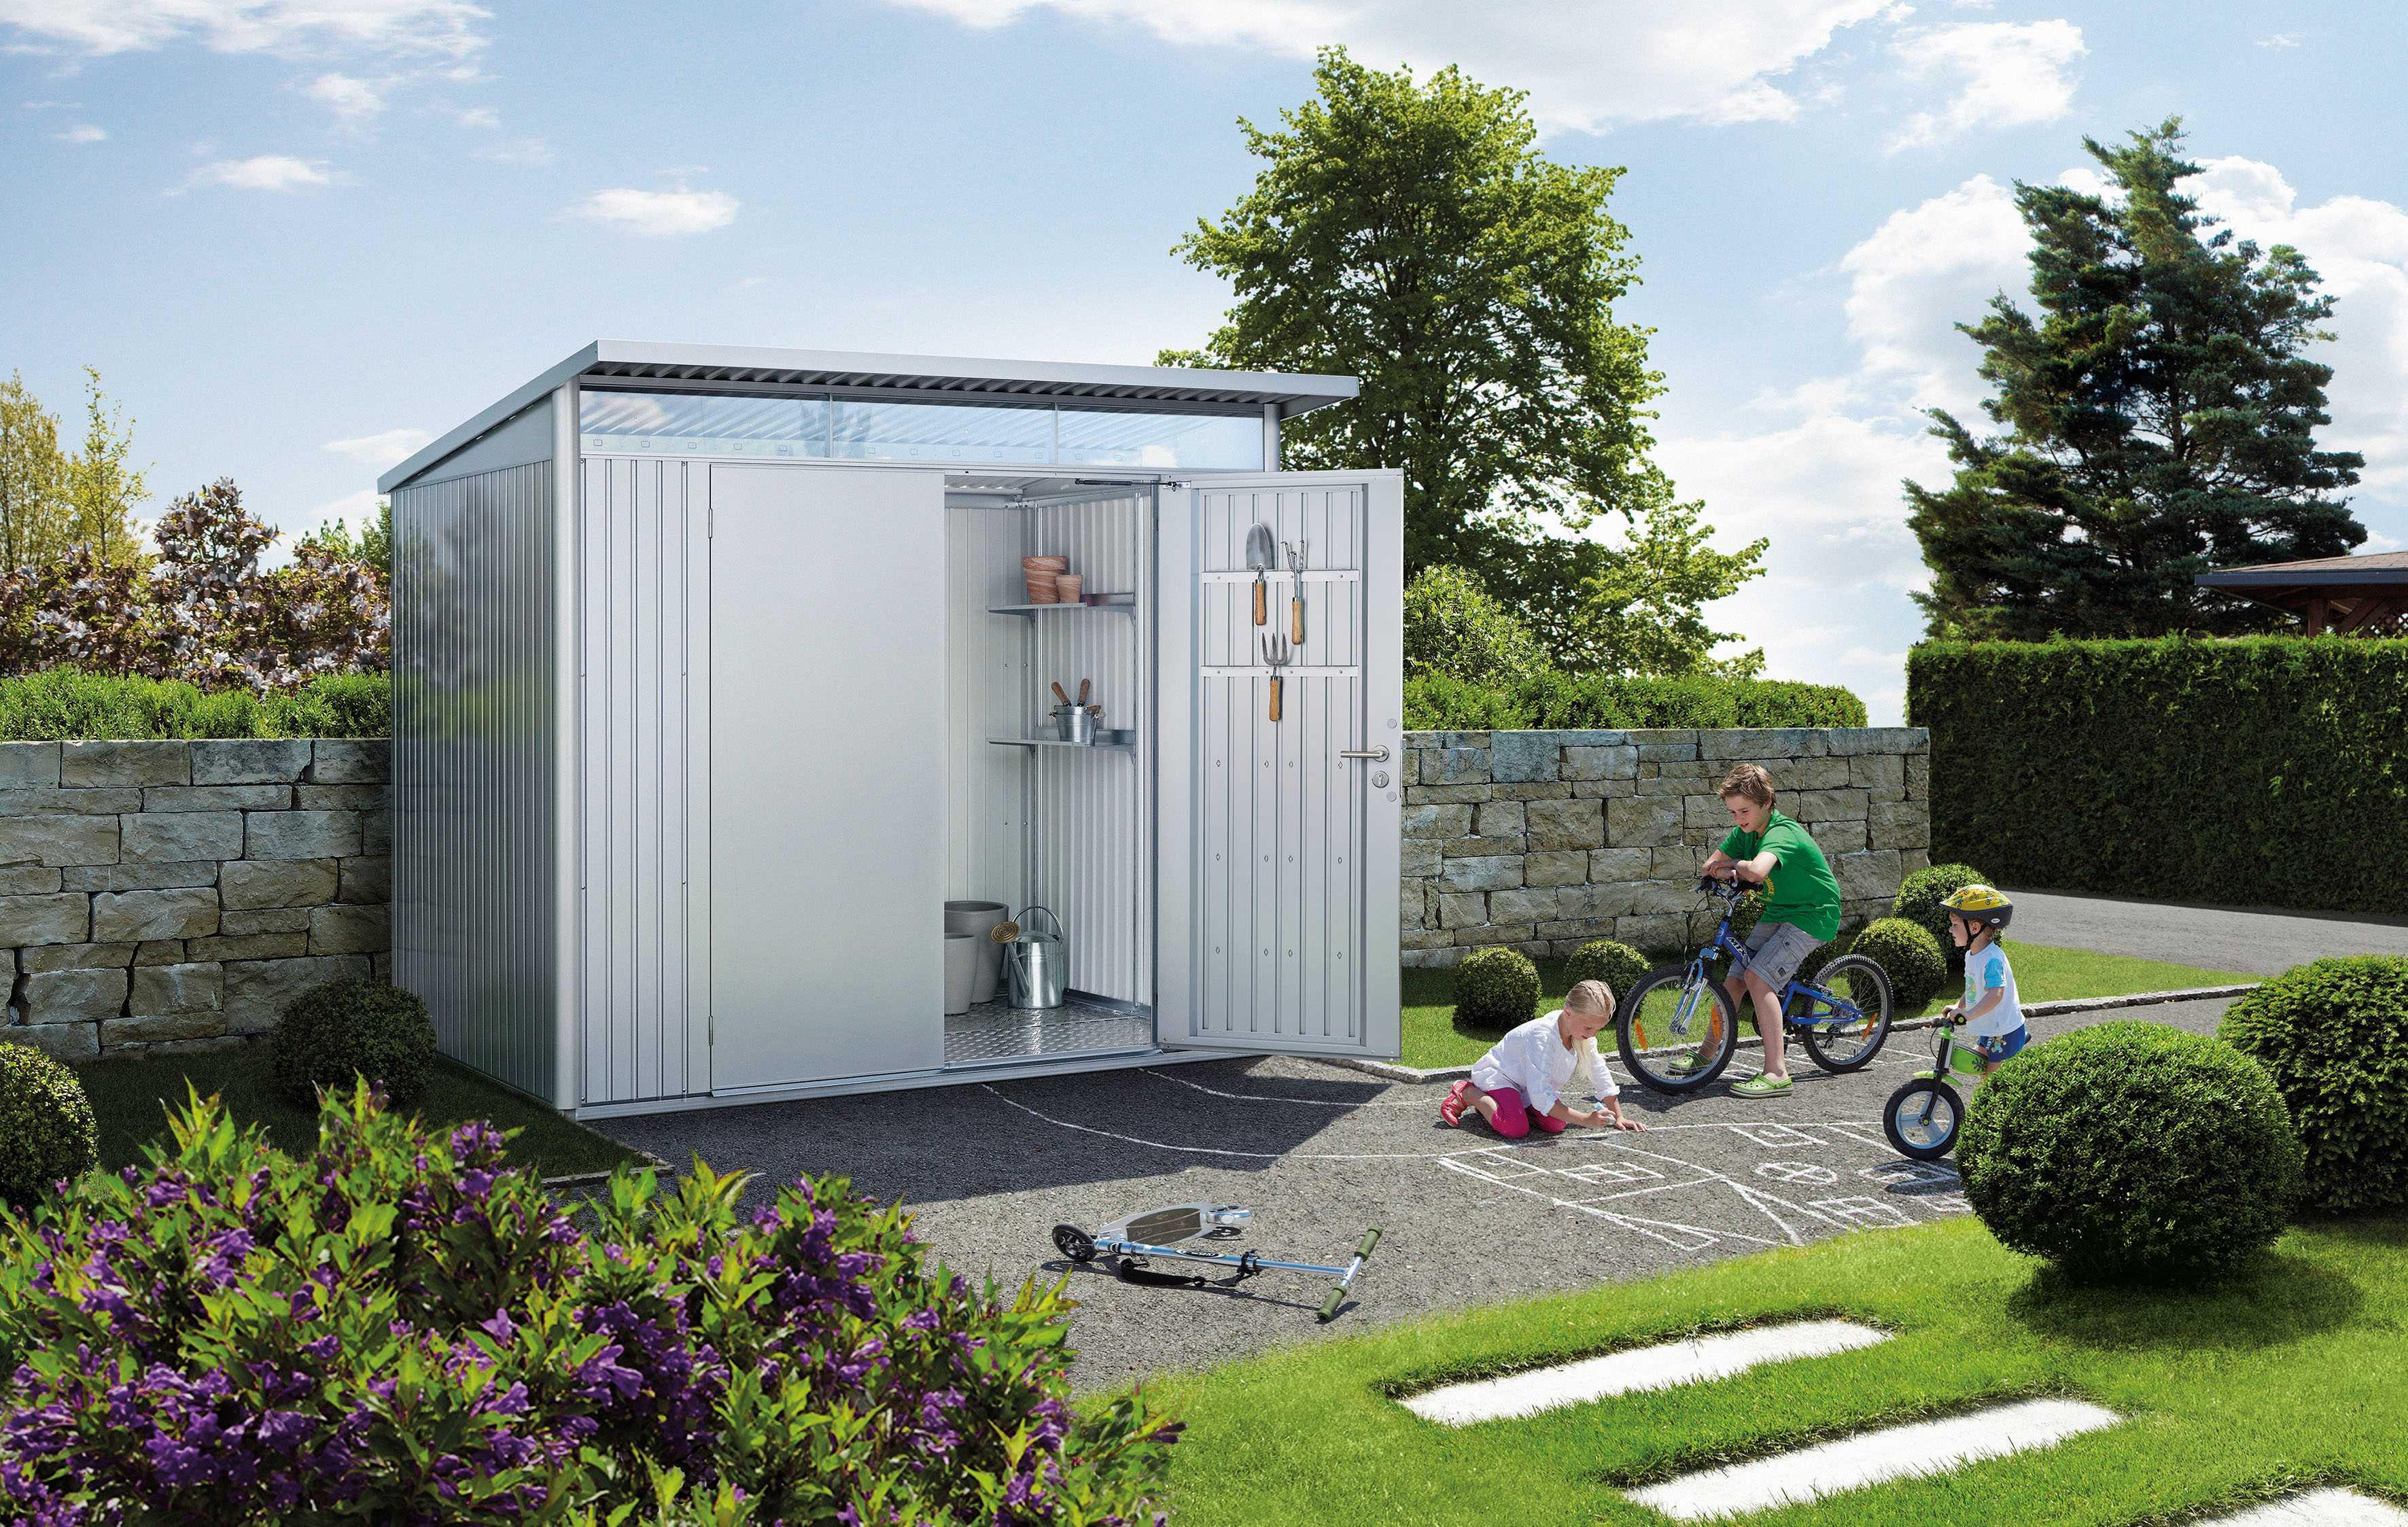 Casetta Giardino In Alluminio : Casetta in lamiera vendita casette da giardino udine